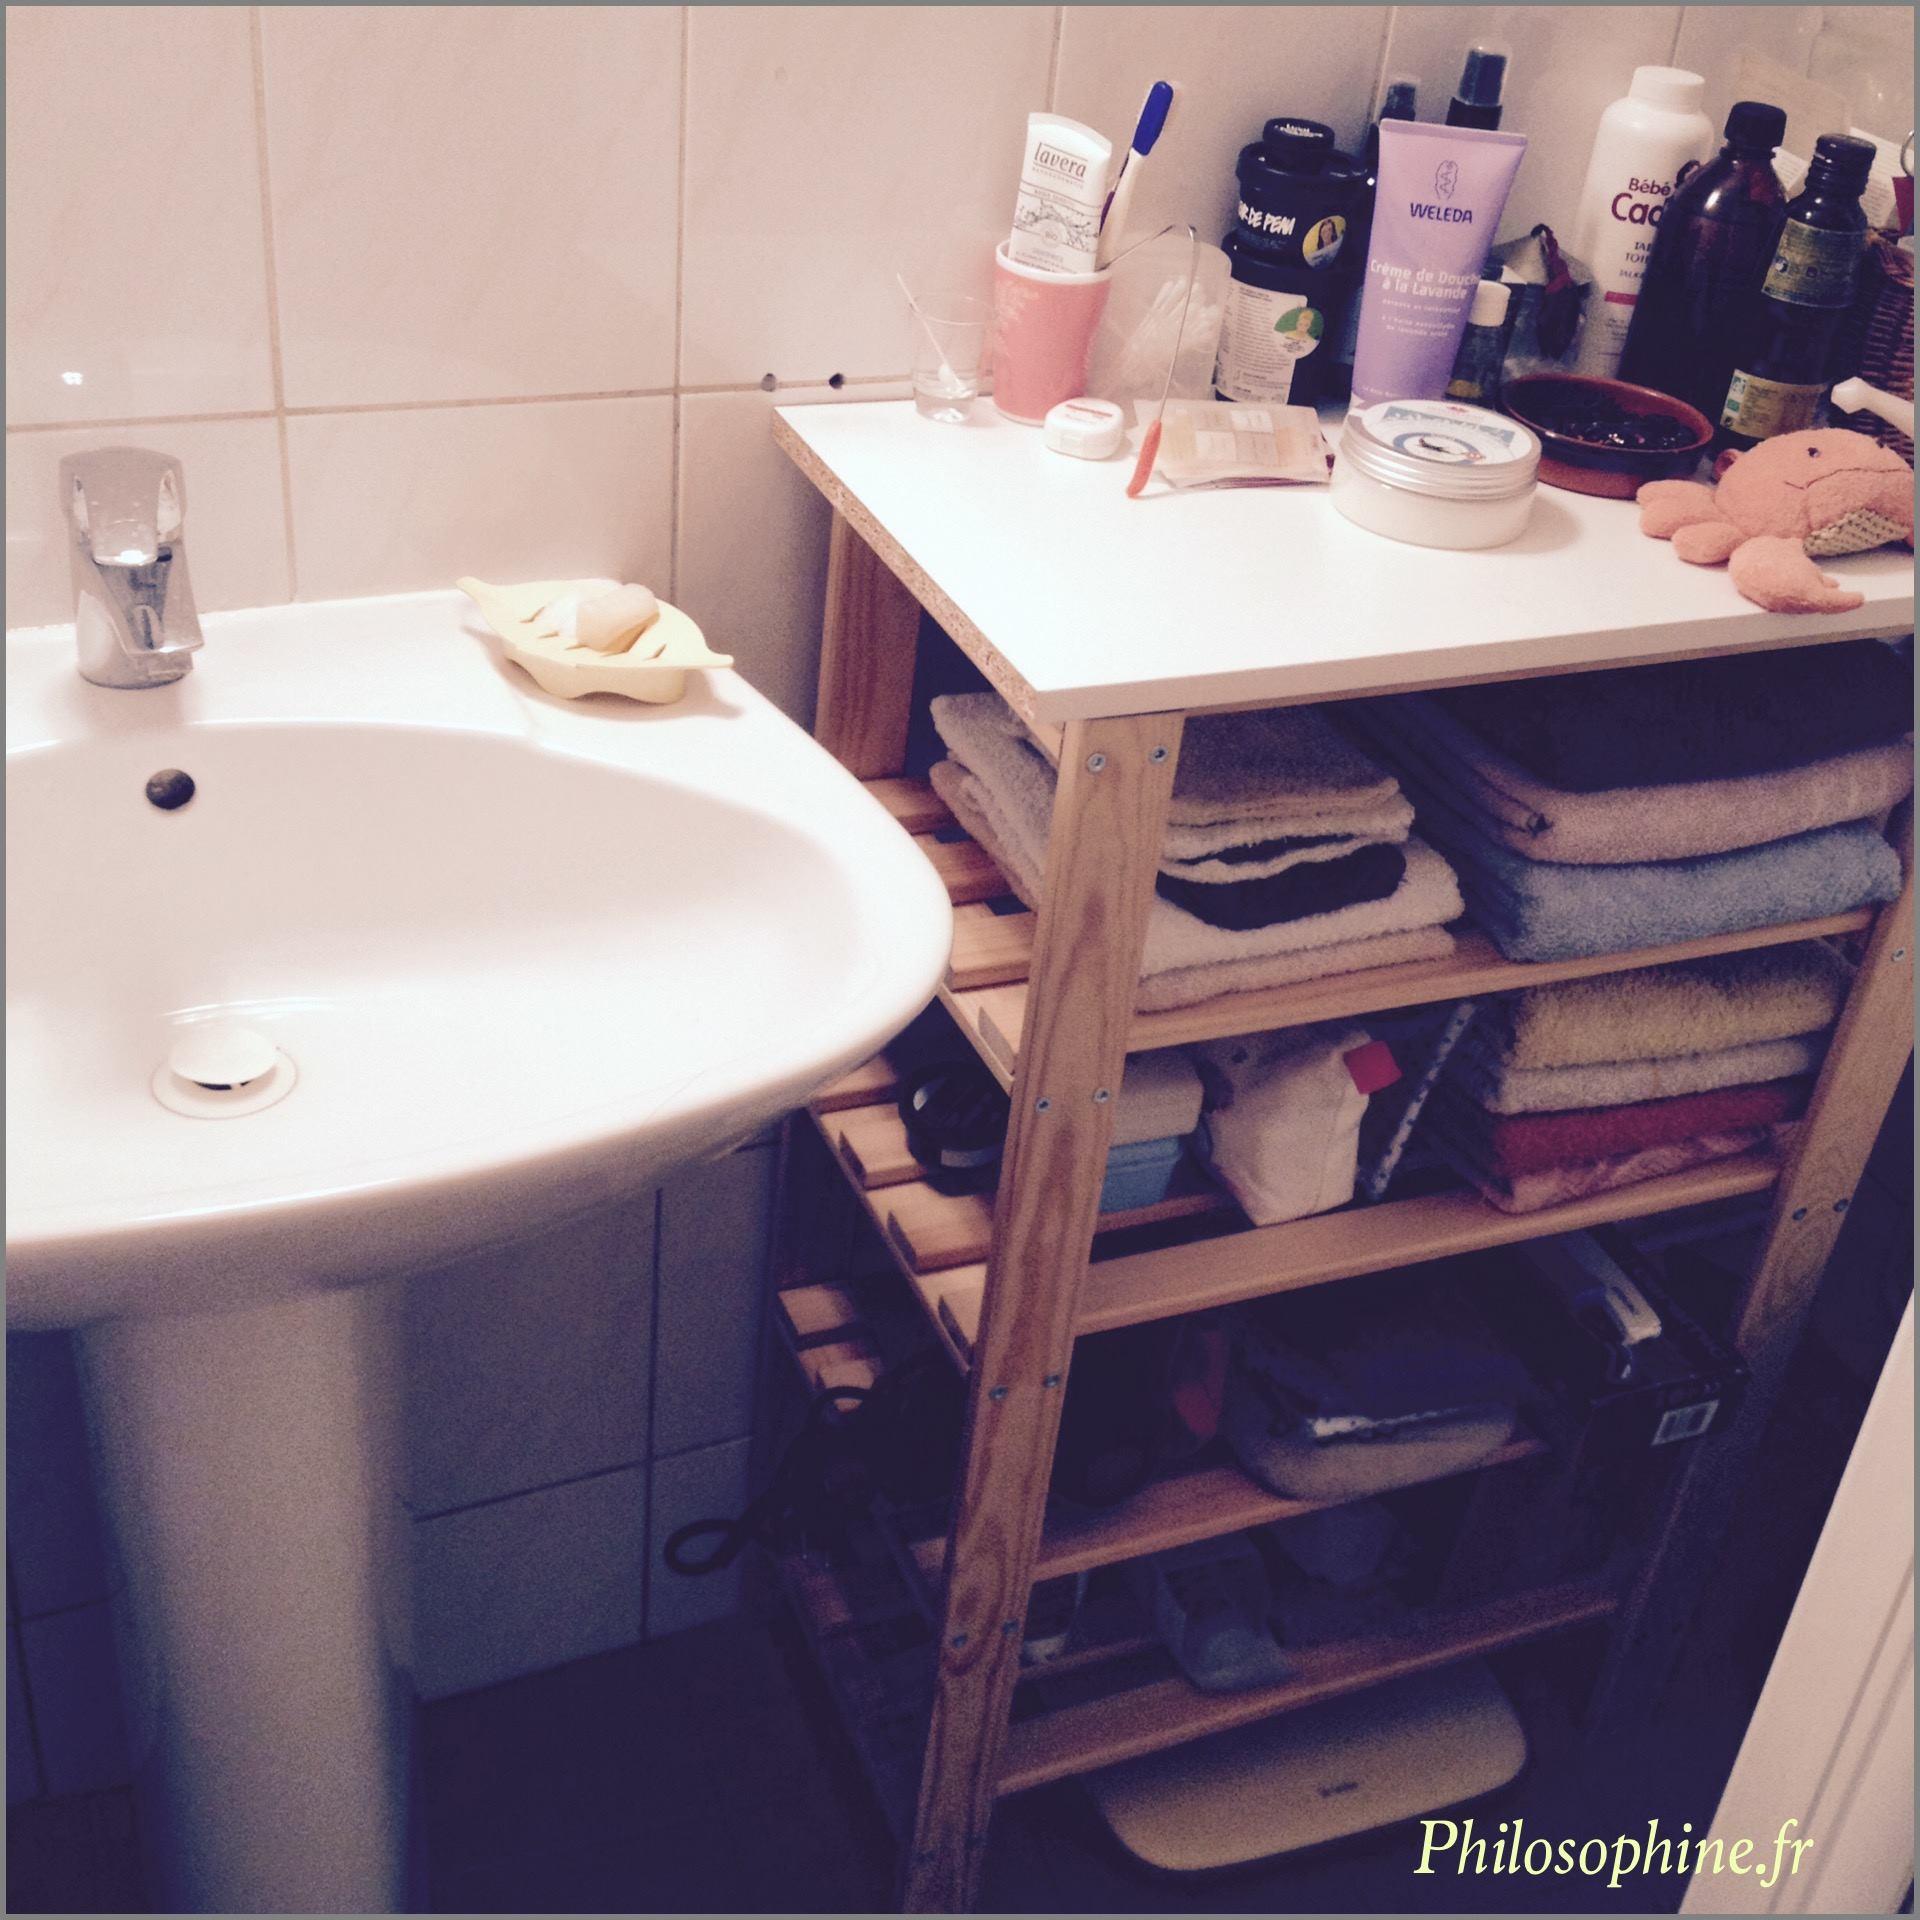 D fi minimalisme la salle de bain philosophine for Minimalisme rangement